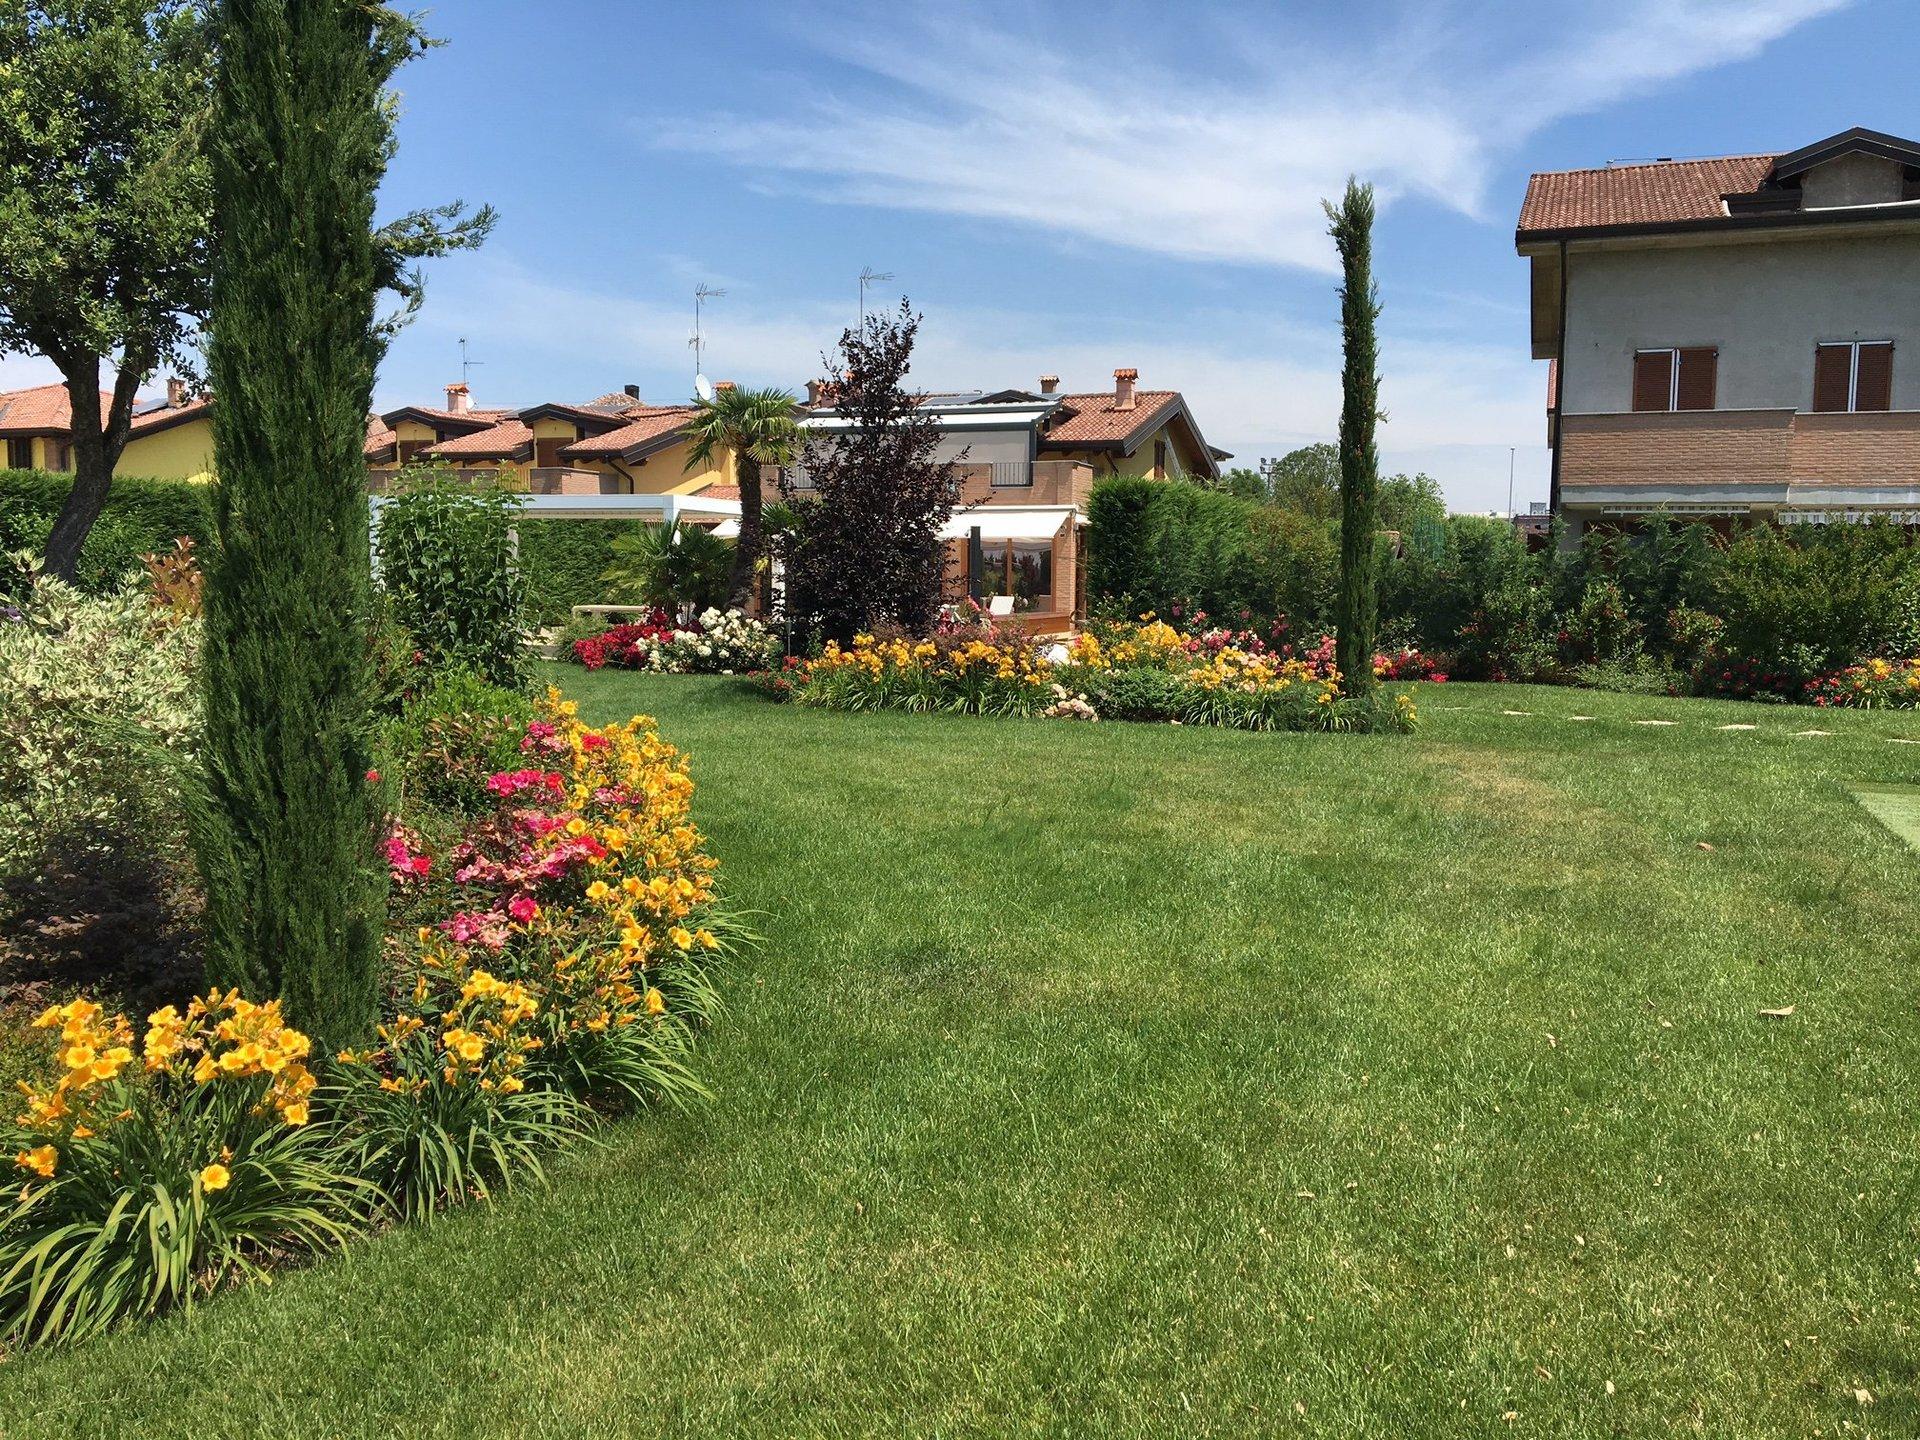 Progettare Il Giardino Di Casa : Organizzare giardino di casa u2013 moloney.info